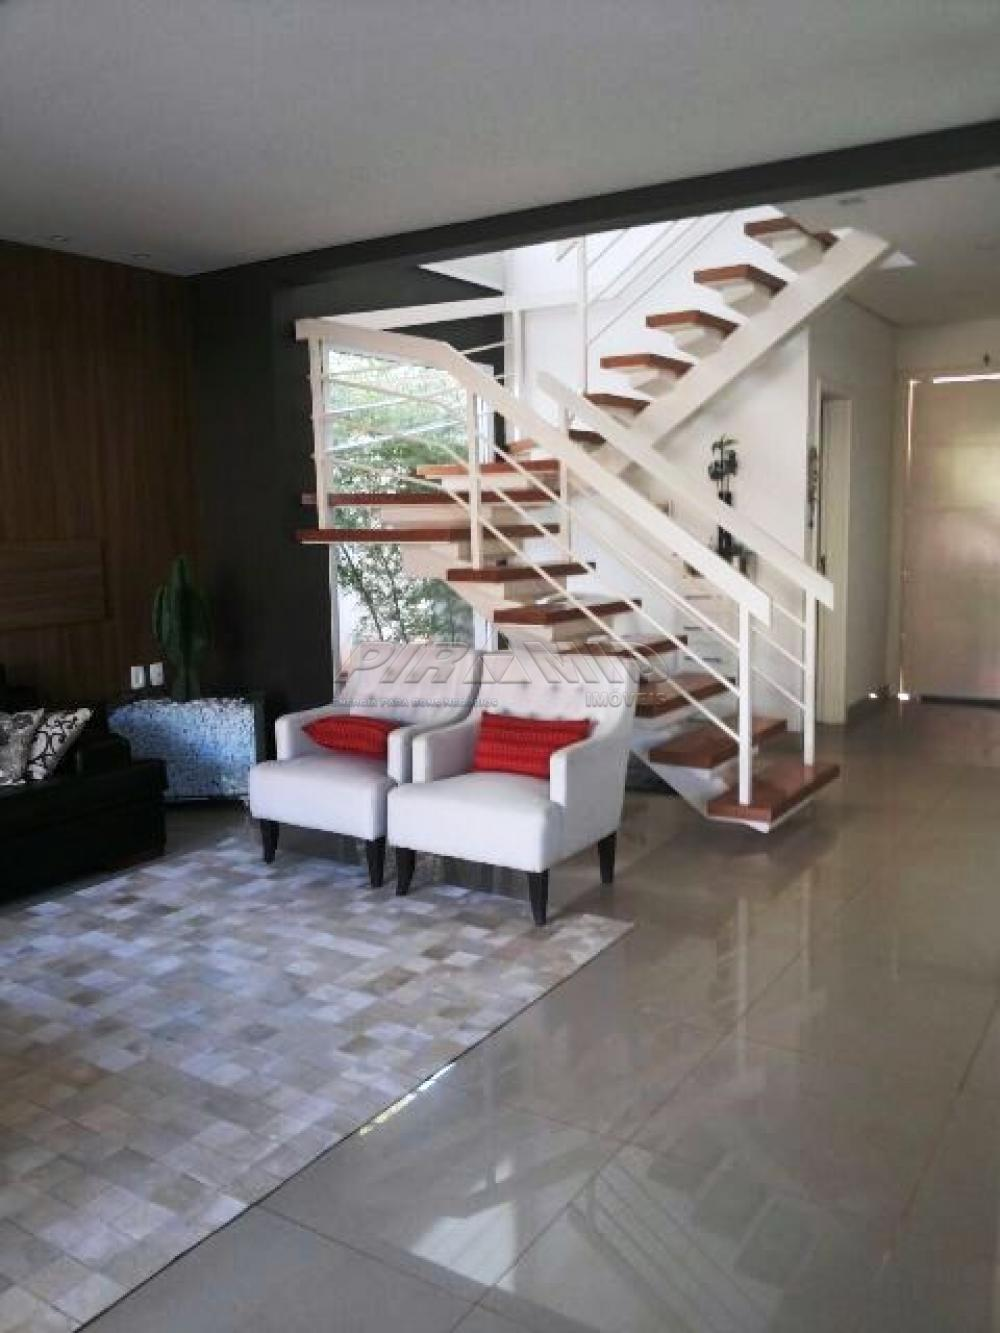 Alugar Casa / Condomínio em Ribeirão Preto apenas R$ 4.200,00 - Foto 5